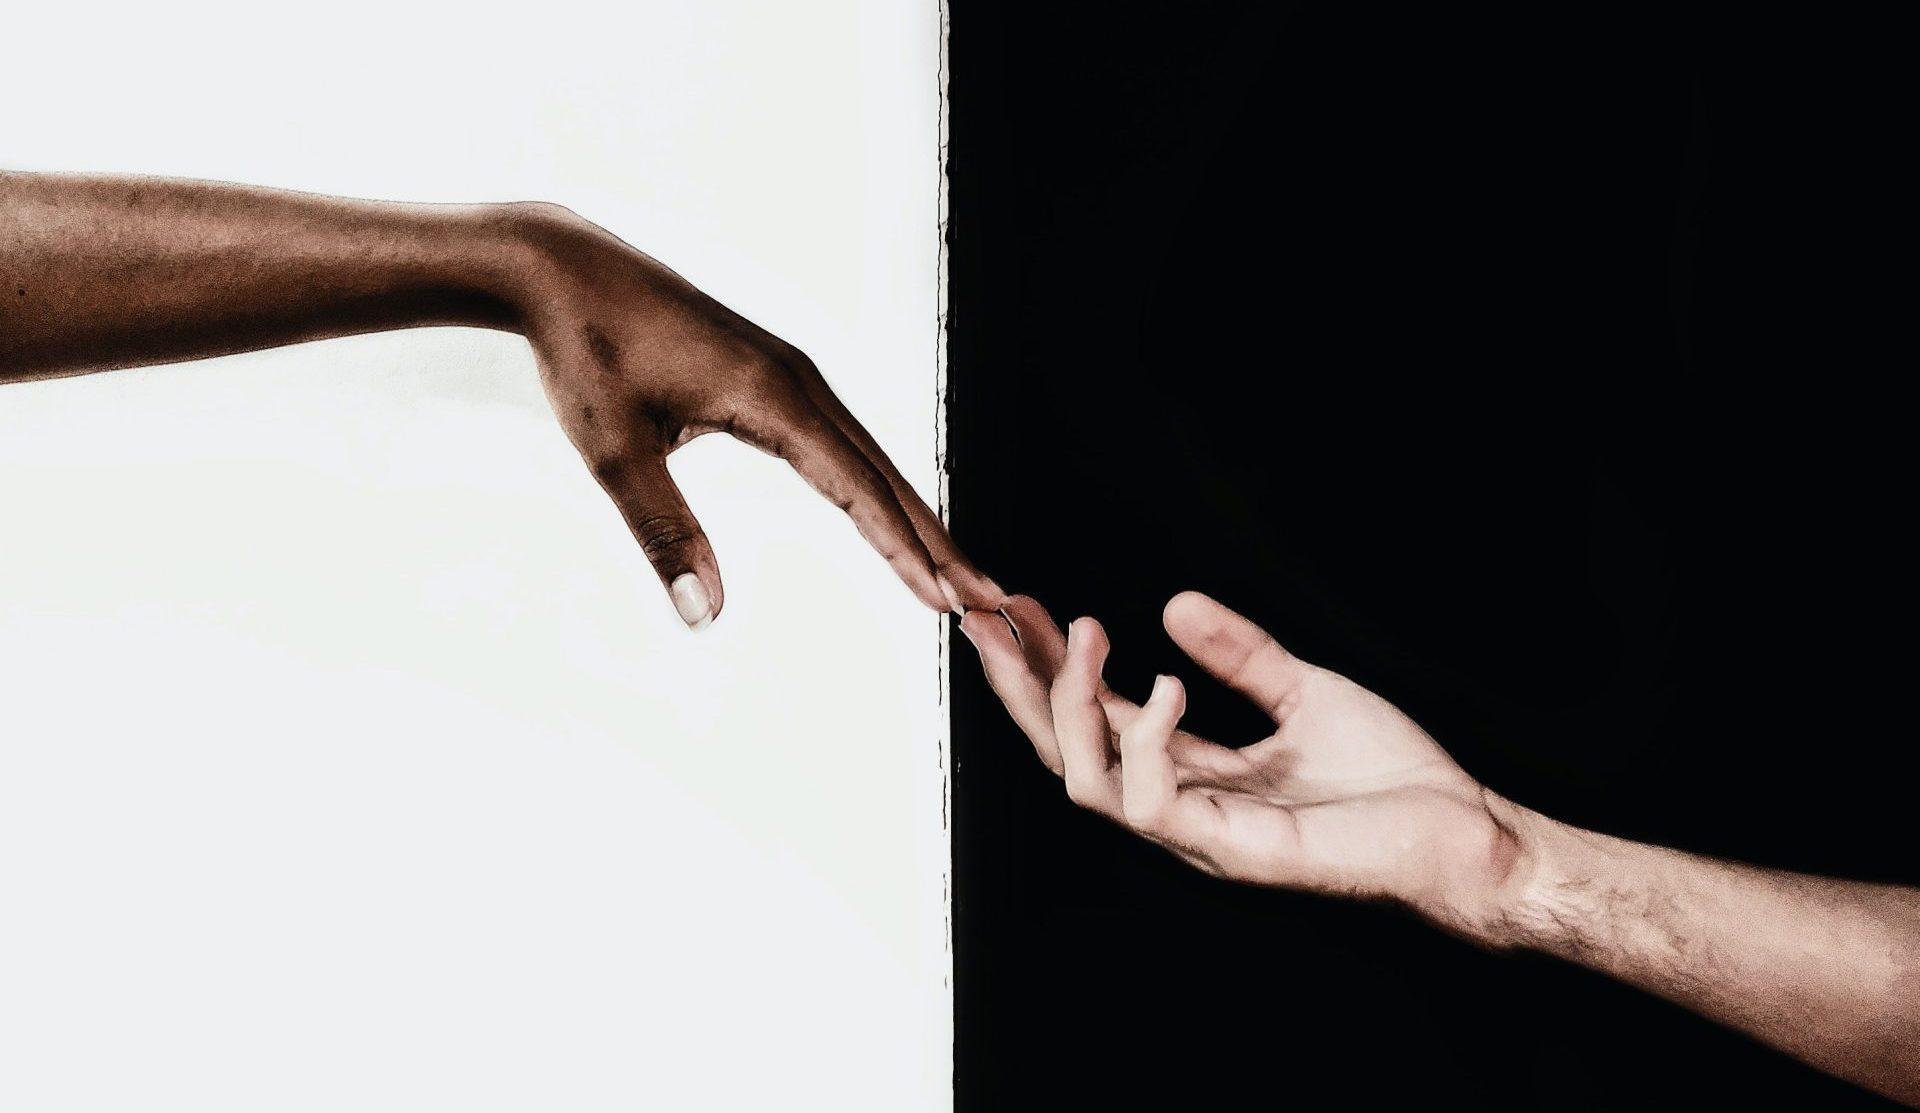 Rasszizmus: Miért hiszed egy embercsoportról, hogy rosszabb nálad?